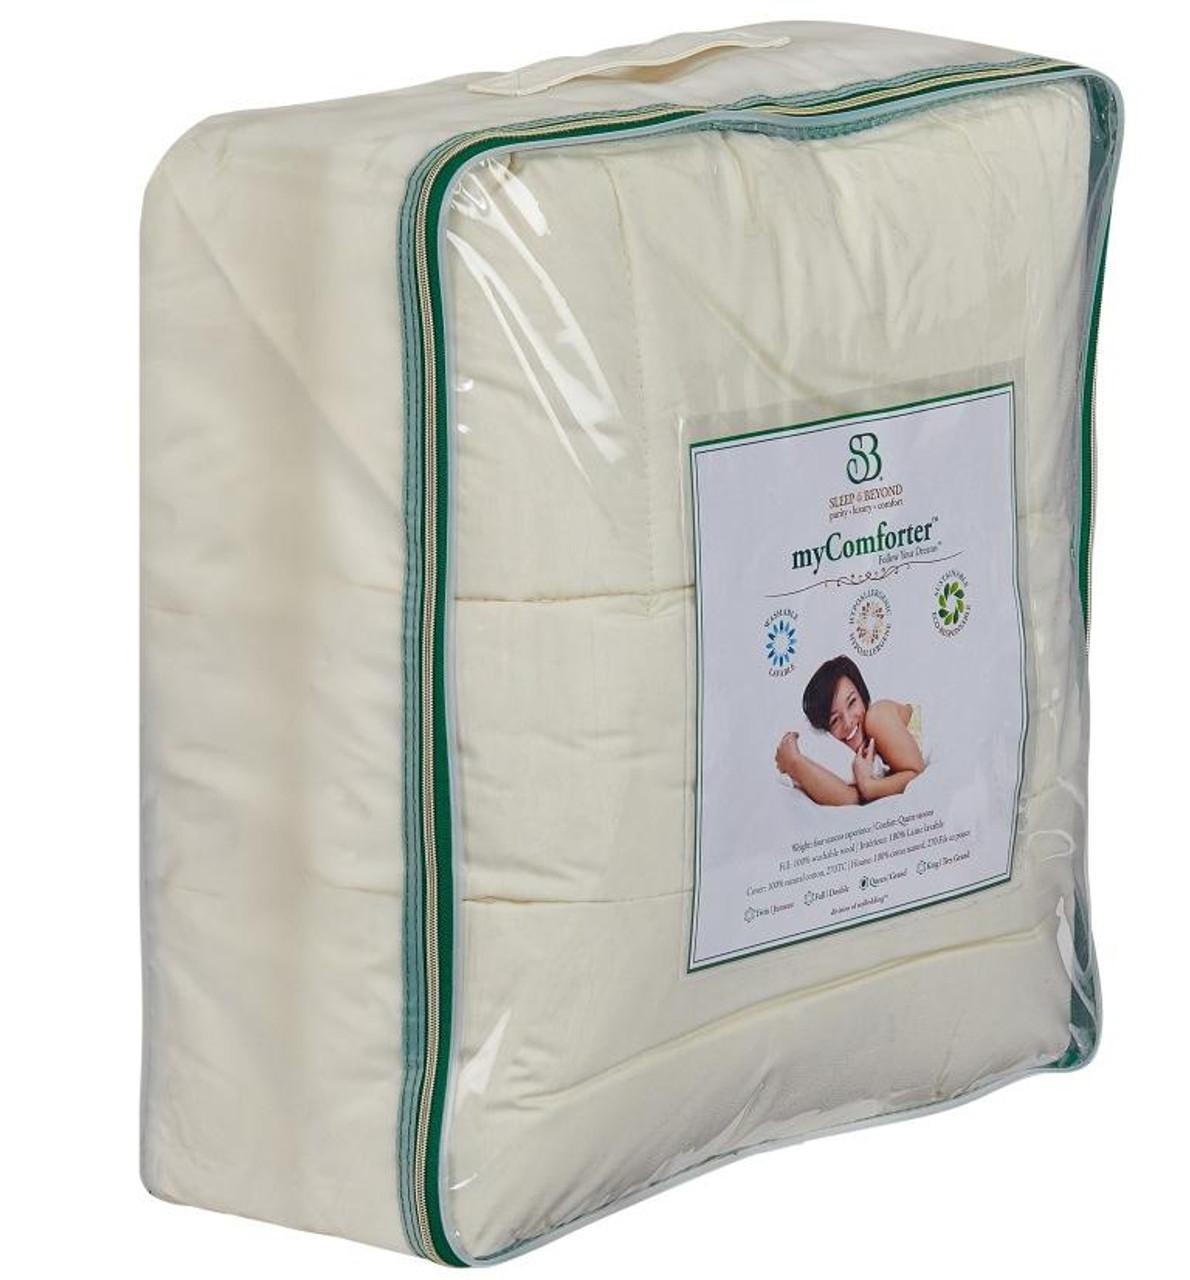 Sleep & Beyond myComforter™ 100% Washable Wool Comforter Front Package